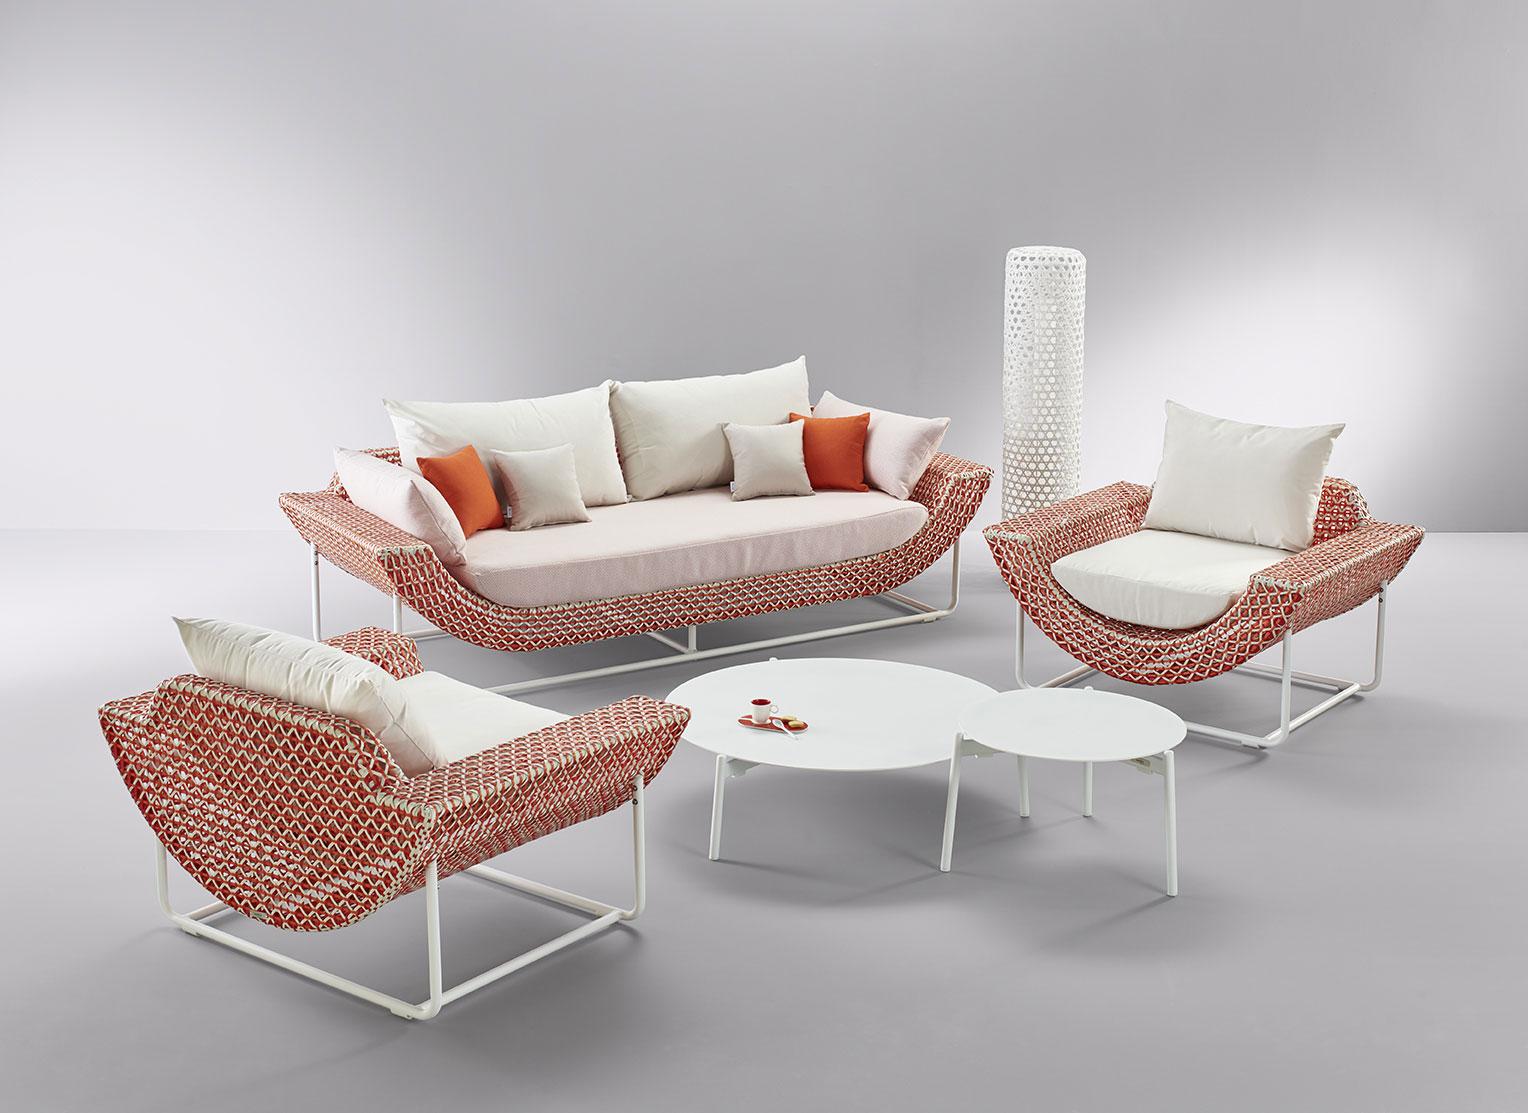 3D Model - Mobika Garden